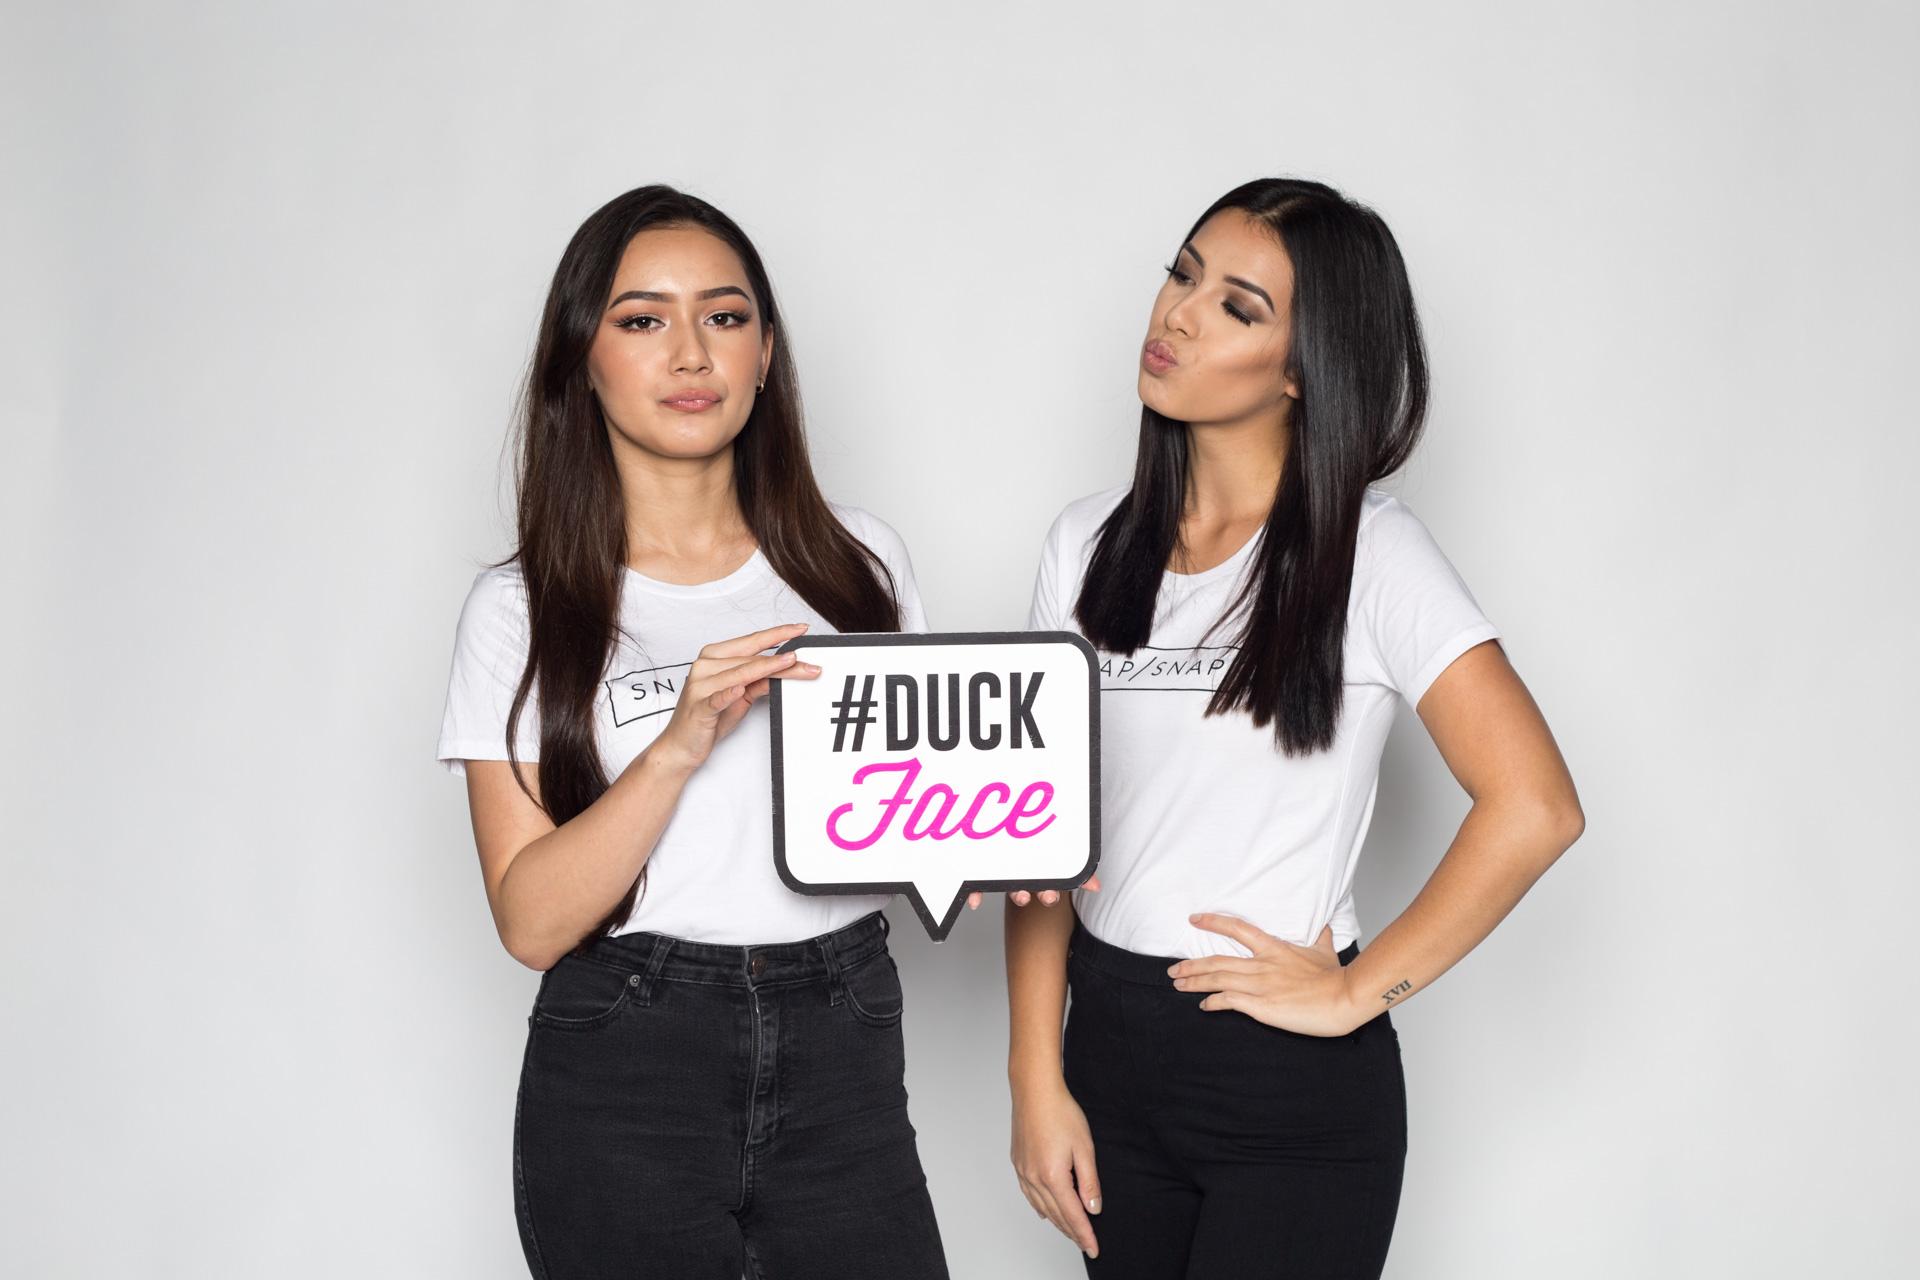 #DuckFace